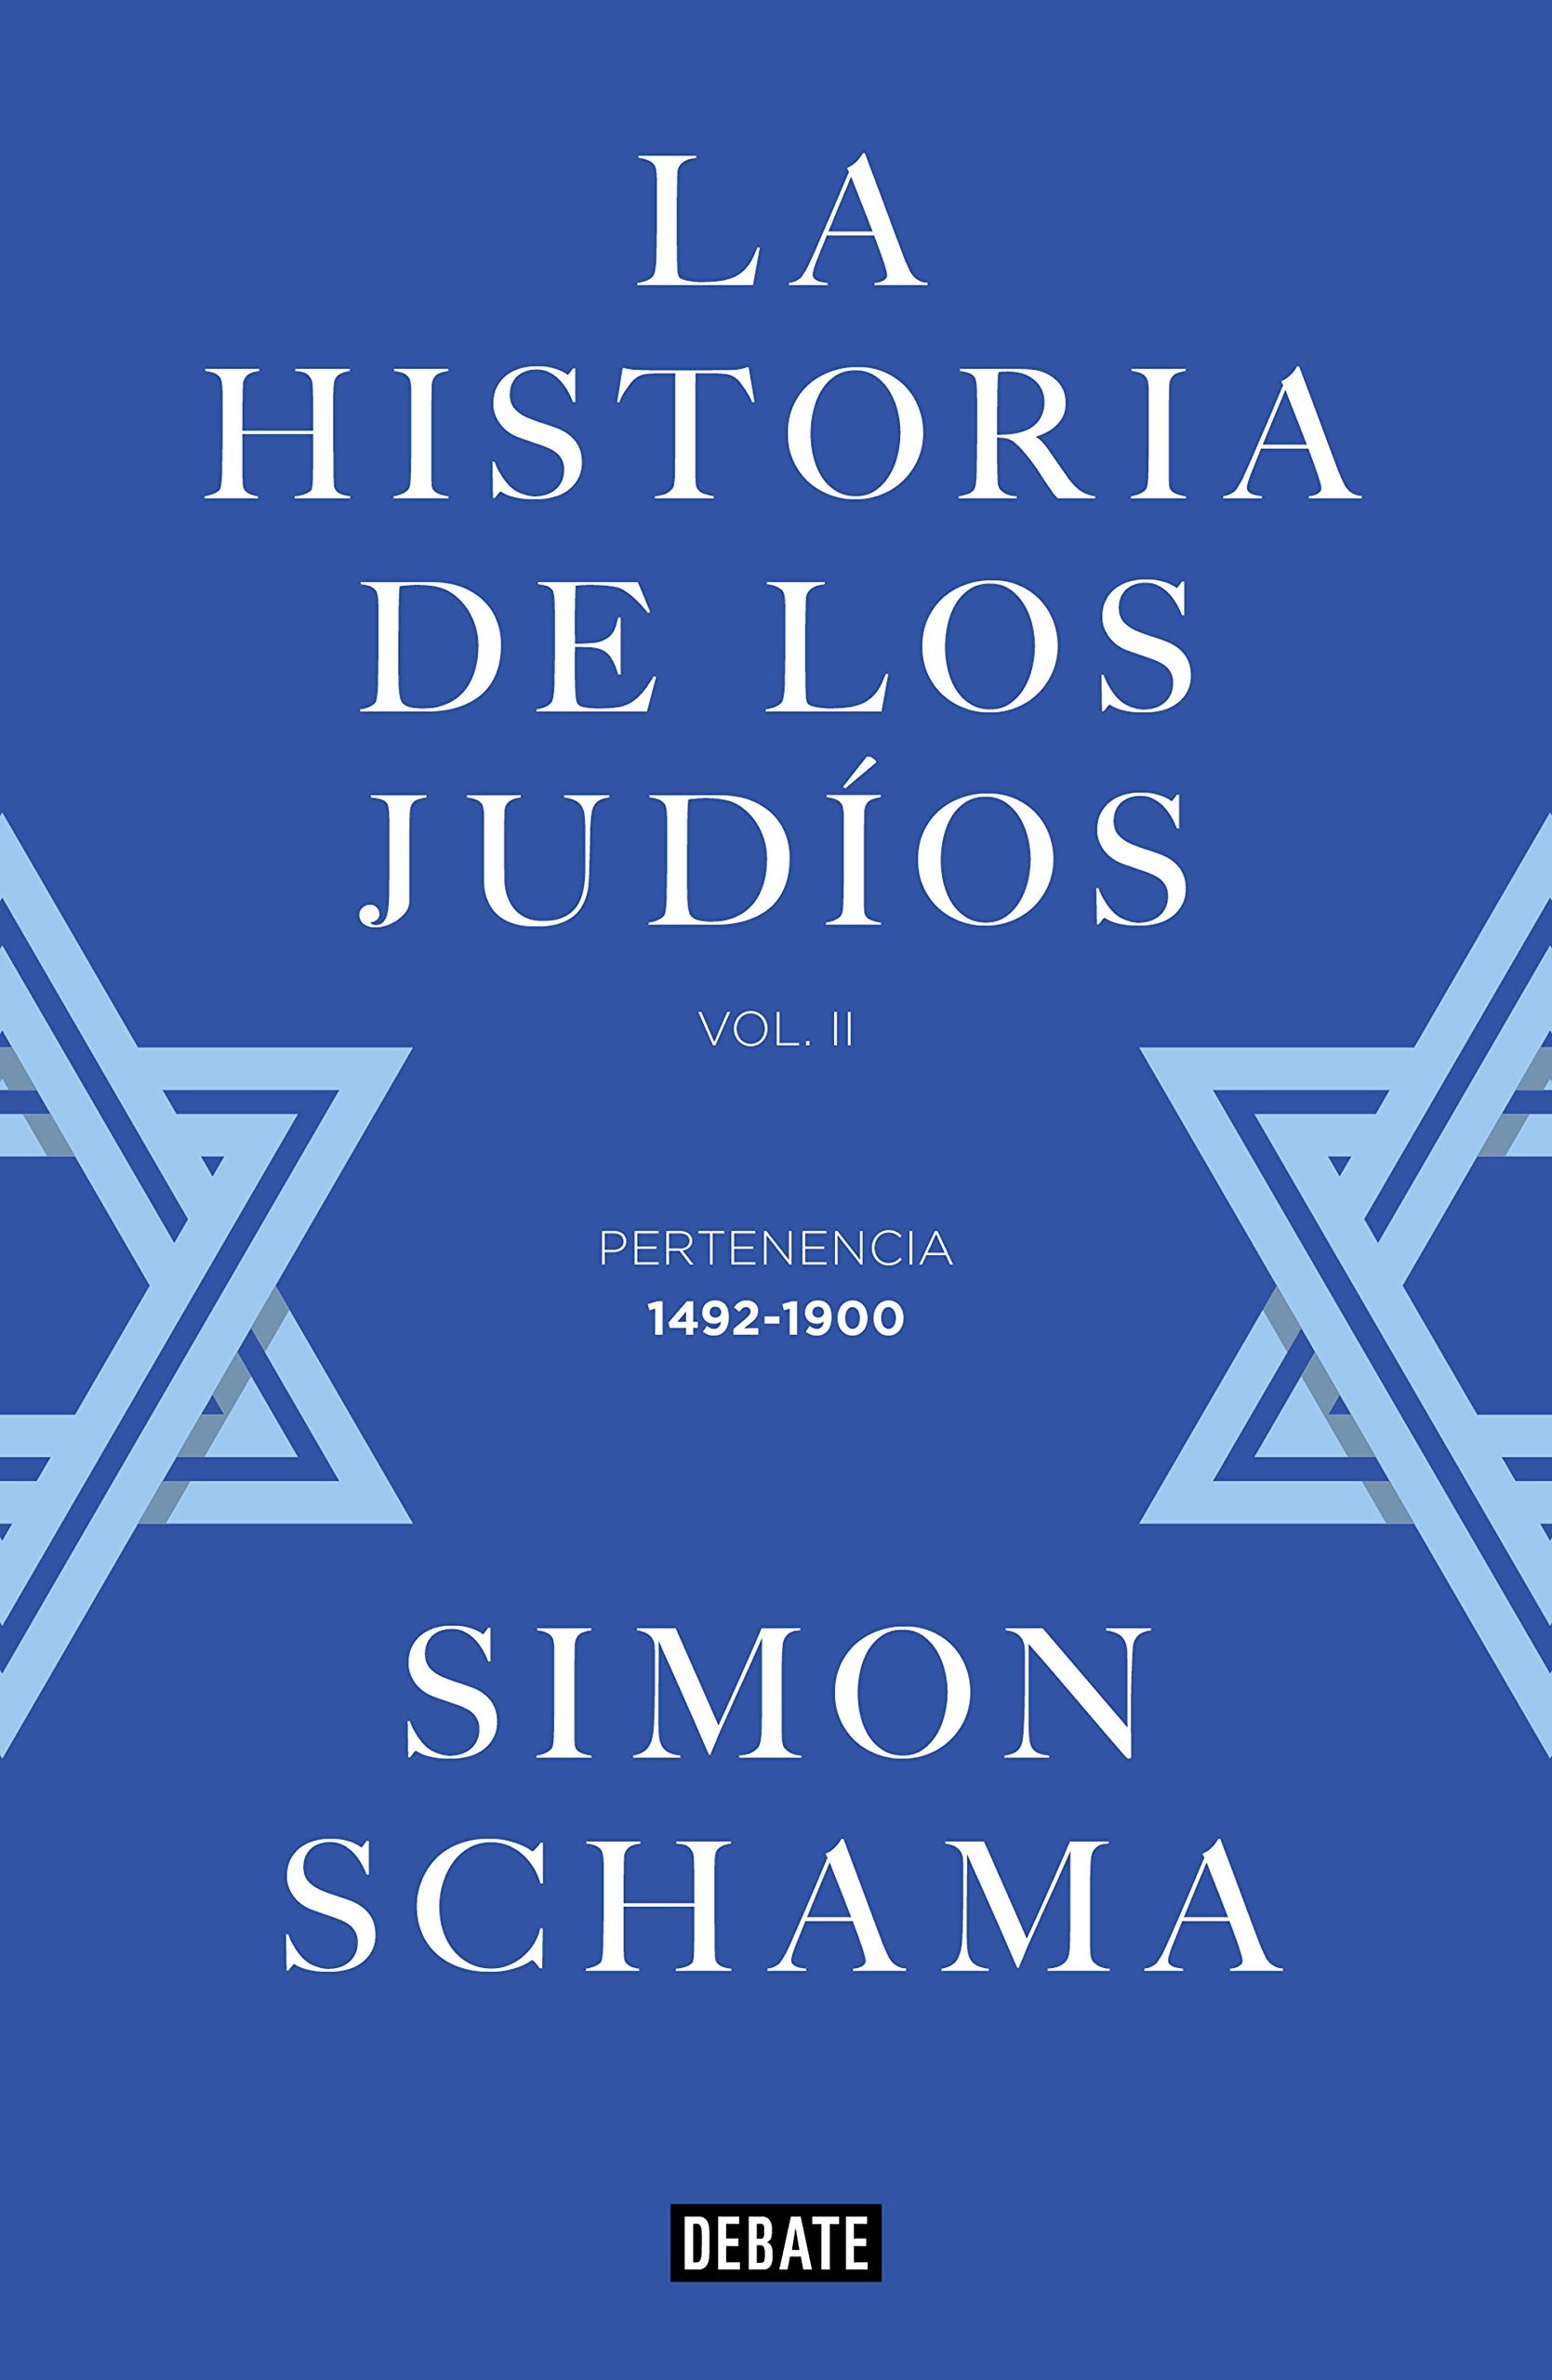 La historia de los judíos: Vol. II - Pertenencia, 1492-1900 ...